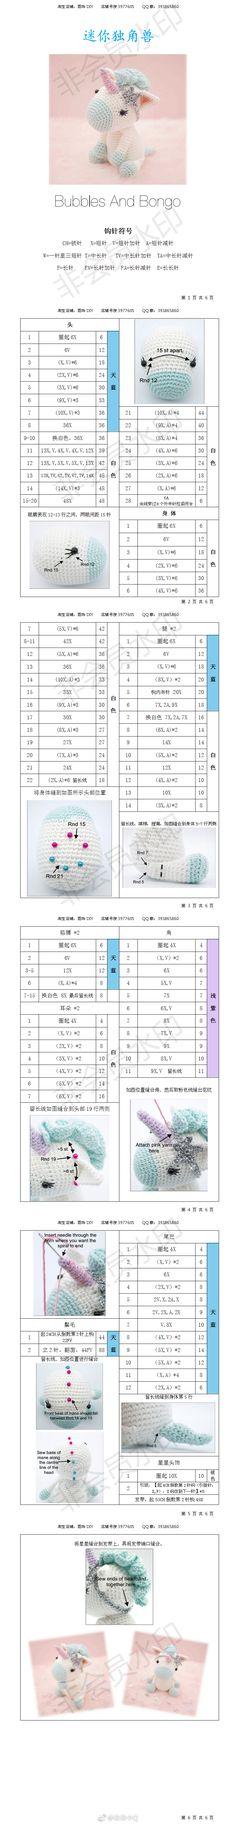 微博 Crochet Doll Pattern, Crochet Dolls, Crochet Patterns, Crochet Hats, Crochet Bear, Cute Crochet, Crochet Animals, Amigurumi Patterns, Doll Patterns